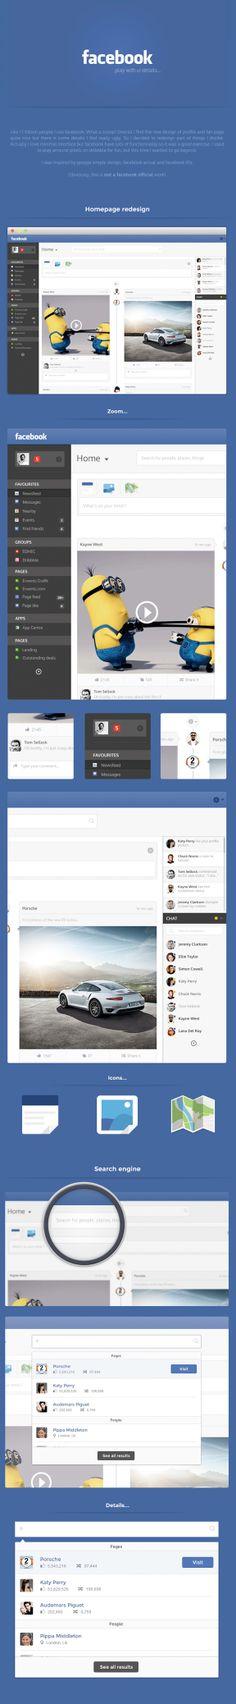 Redesign concept Facebook